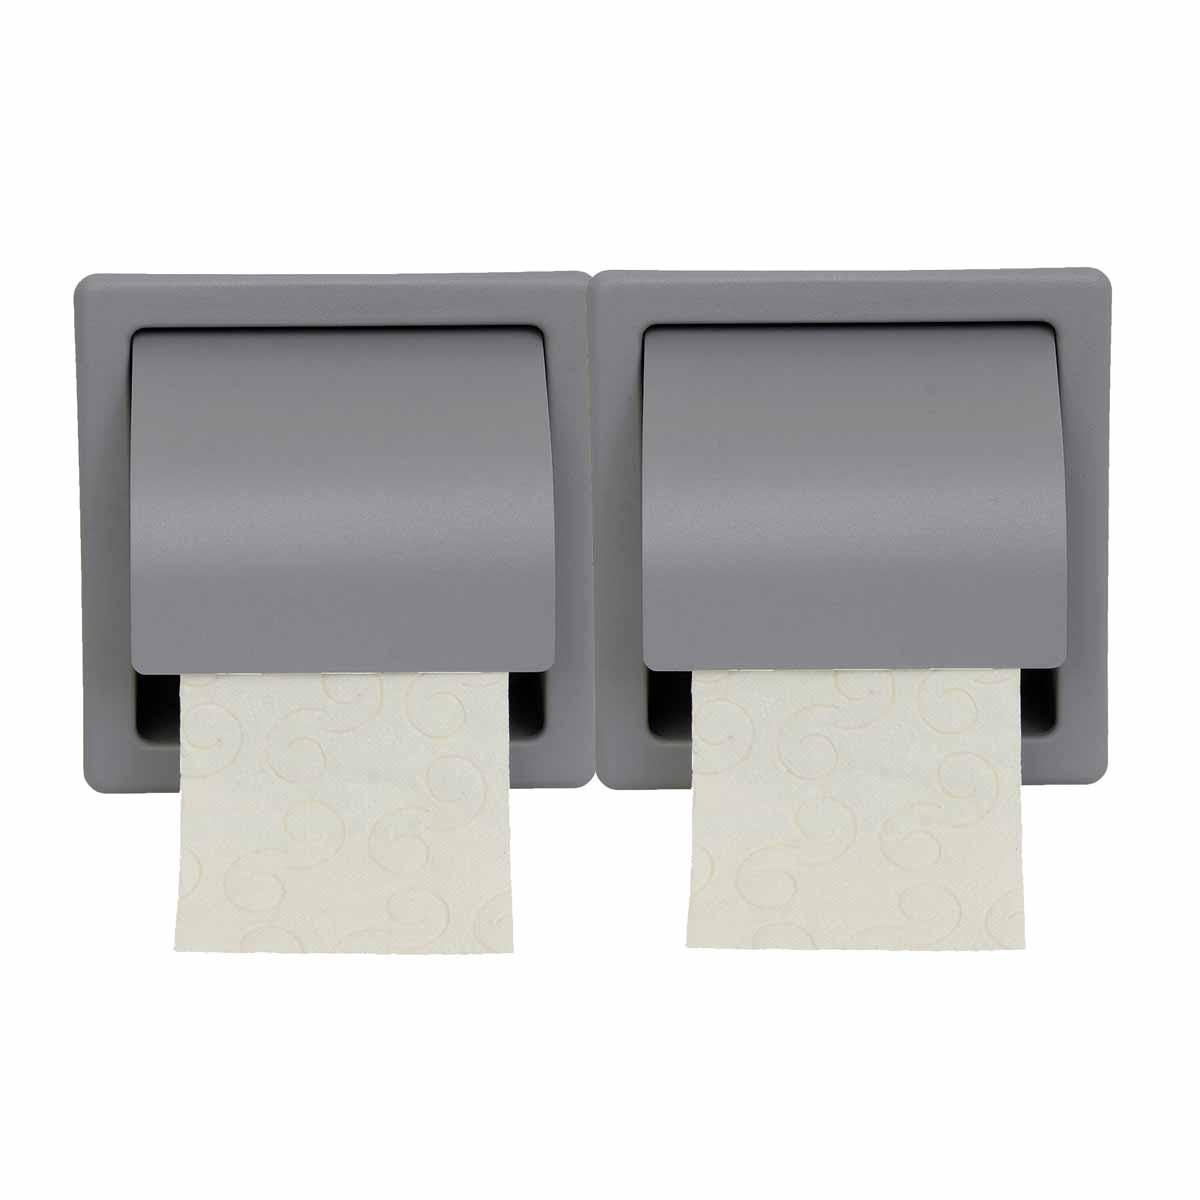 Χαρτοθήκη 2 Θέσεων Με Καπάκι PamCo 110-163 Concrete Grey Matte